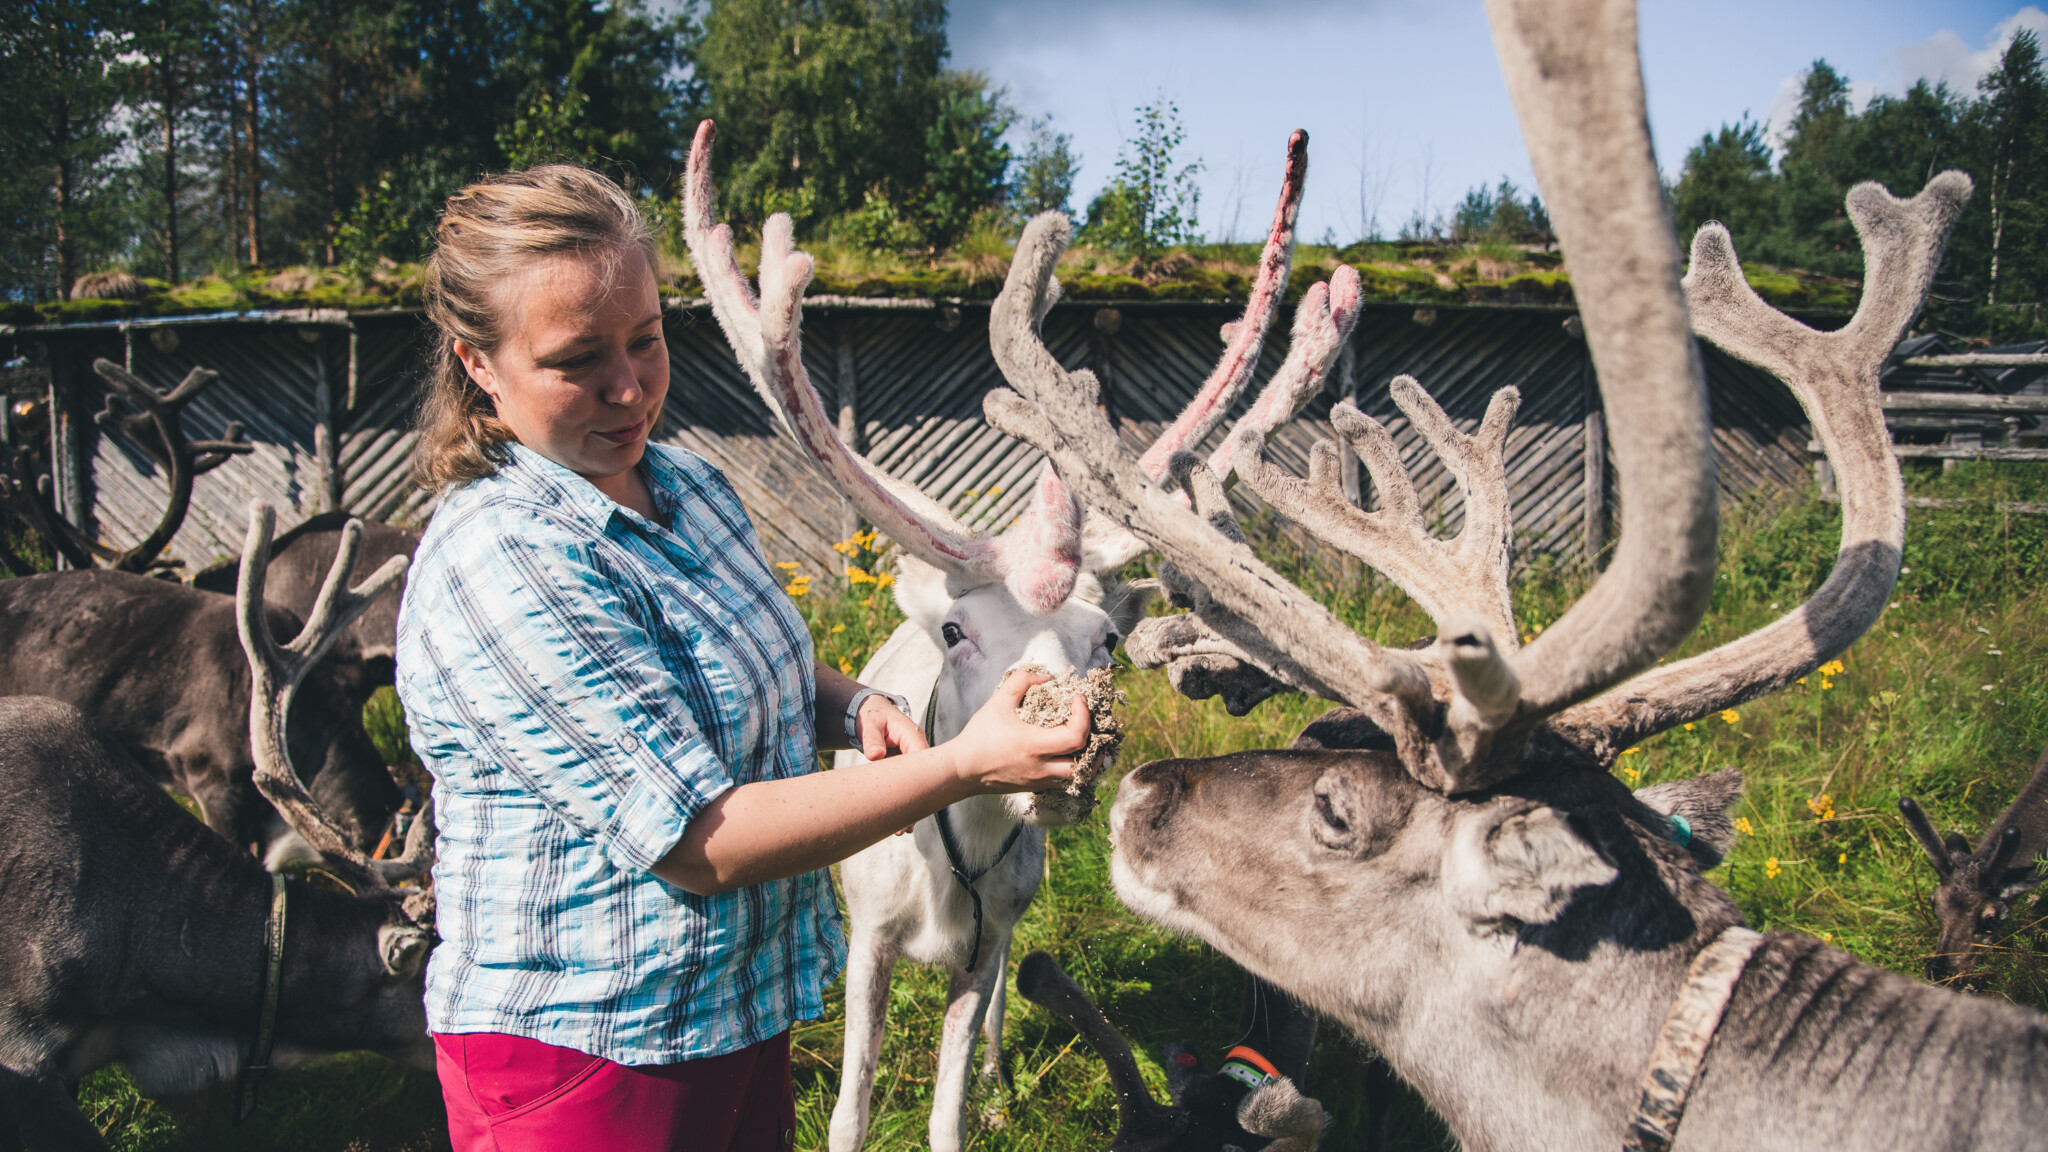 Year of Reindeer Sustainable Rovaniemi blog series Miia Merkku Arctic Reindeer Farm